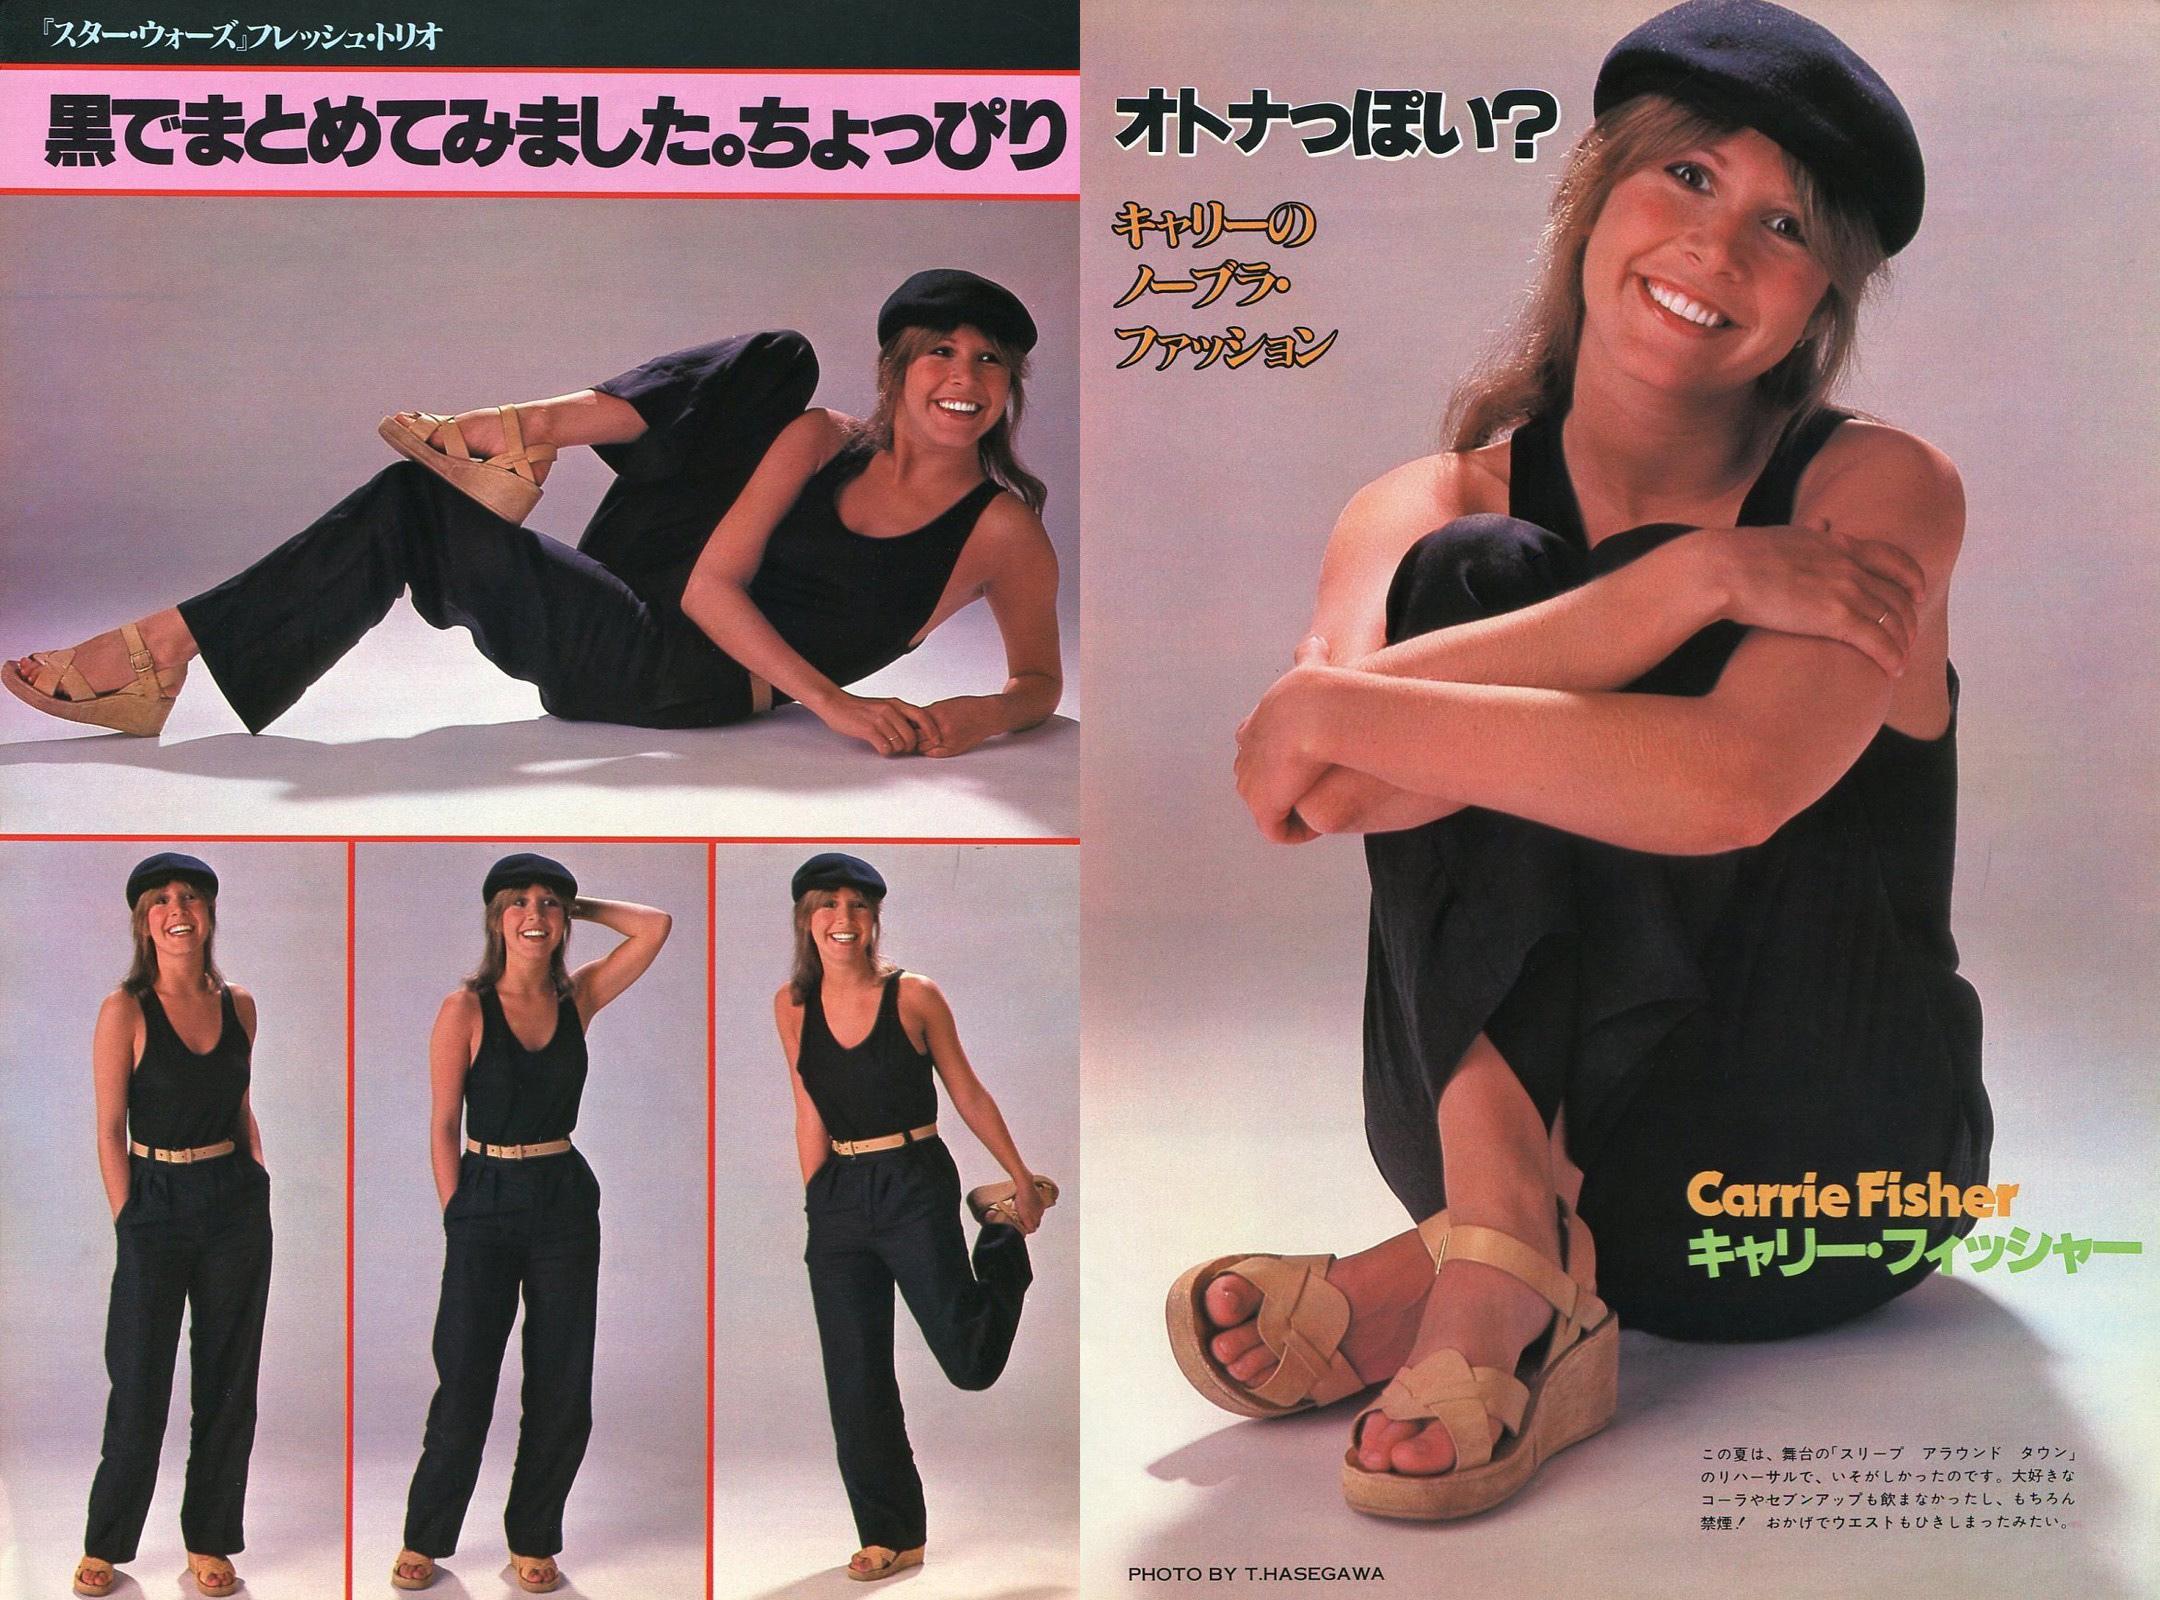 Carrie-Fisher-Feet-2106894.jpg